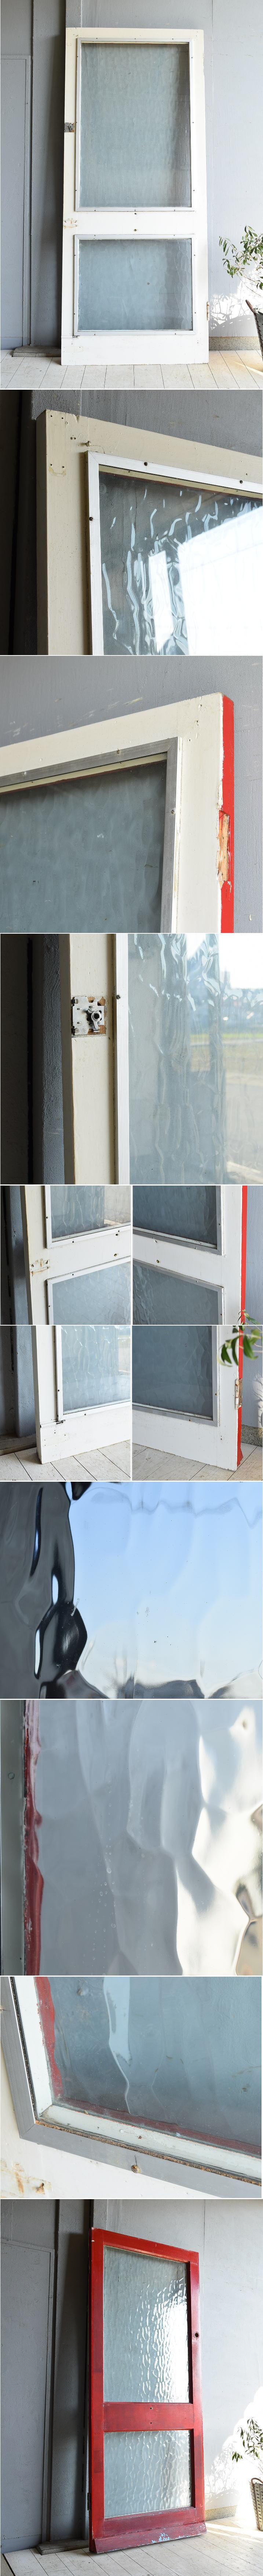 イギリス アンティーク ガラス入り木製ドア 扉 建具 7233